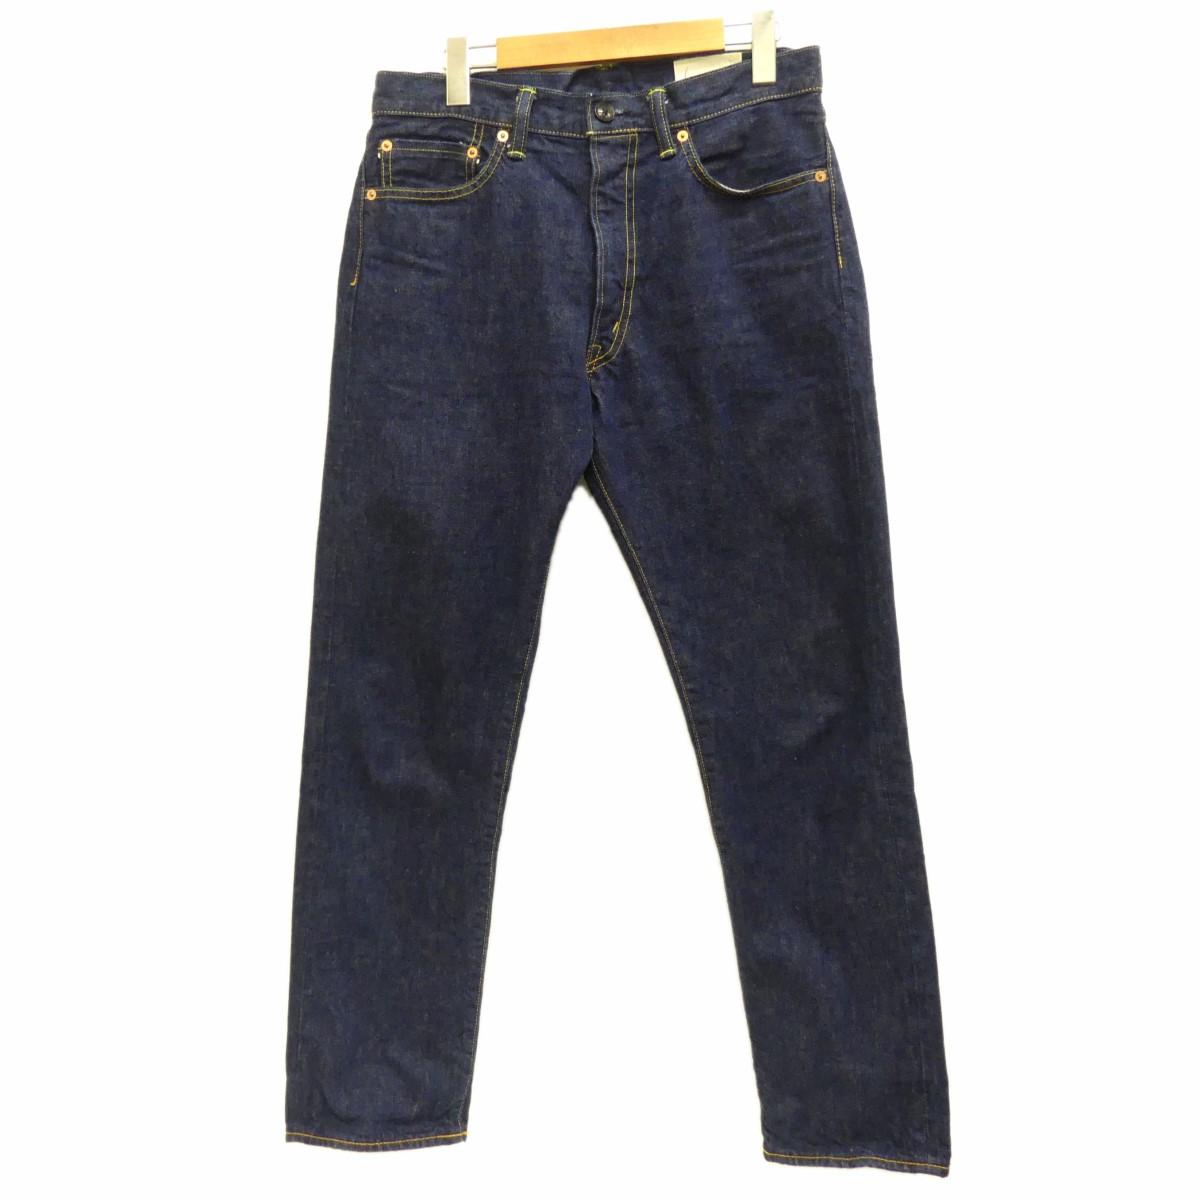 【中古】cantate2019A/W Denim tapered Trousers テーパードデニム インディゴ サイズ:30 【3月30日見直し】